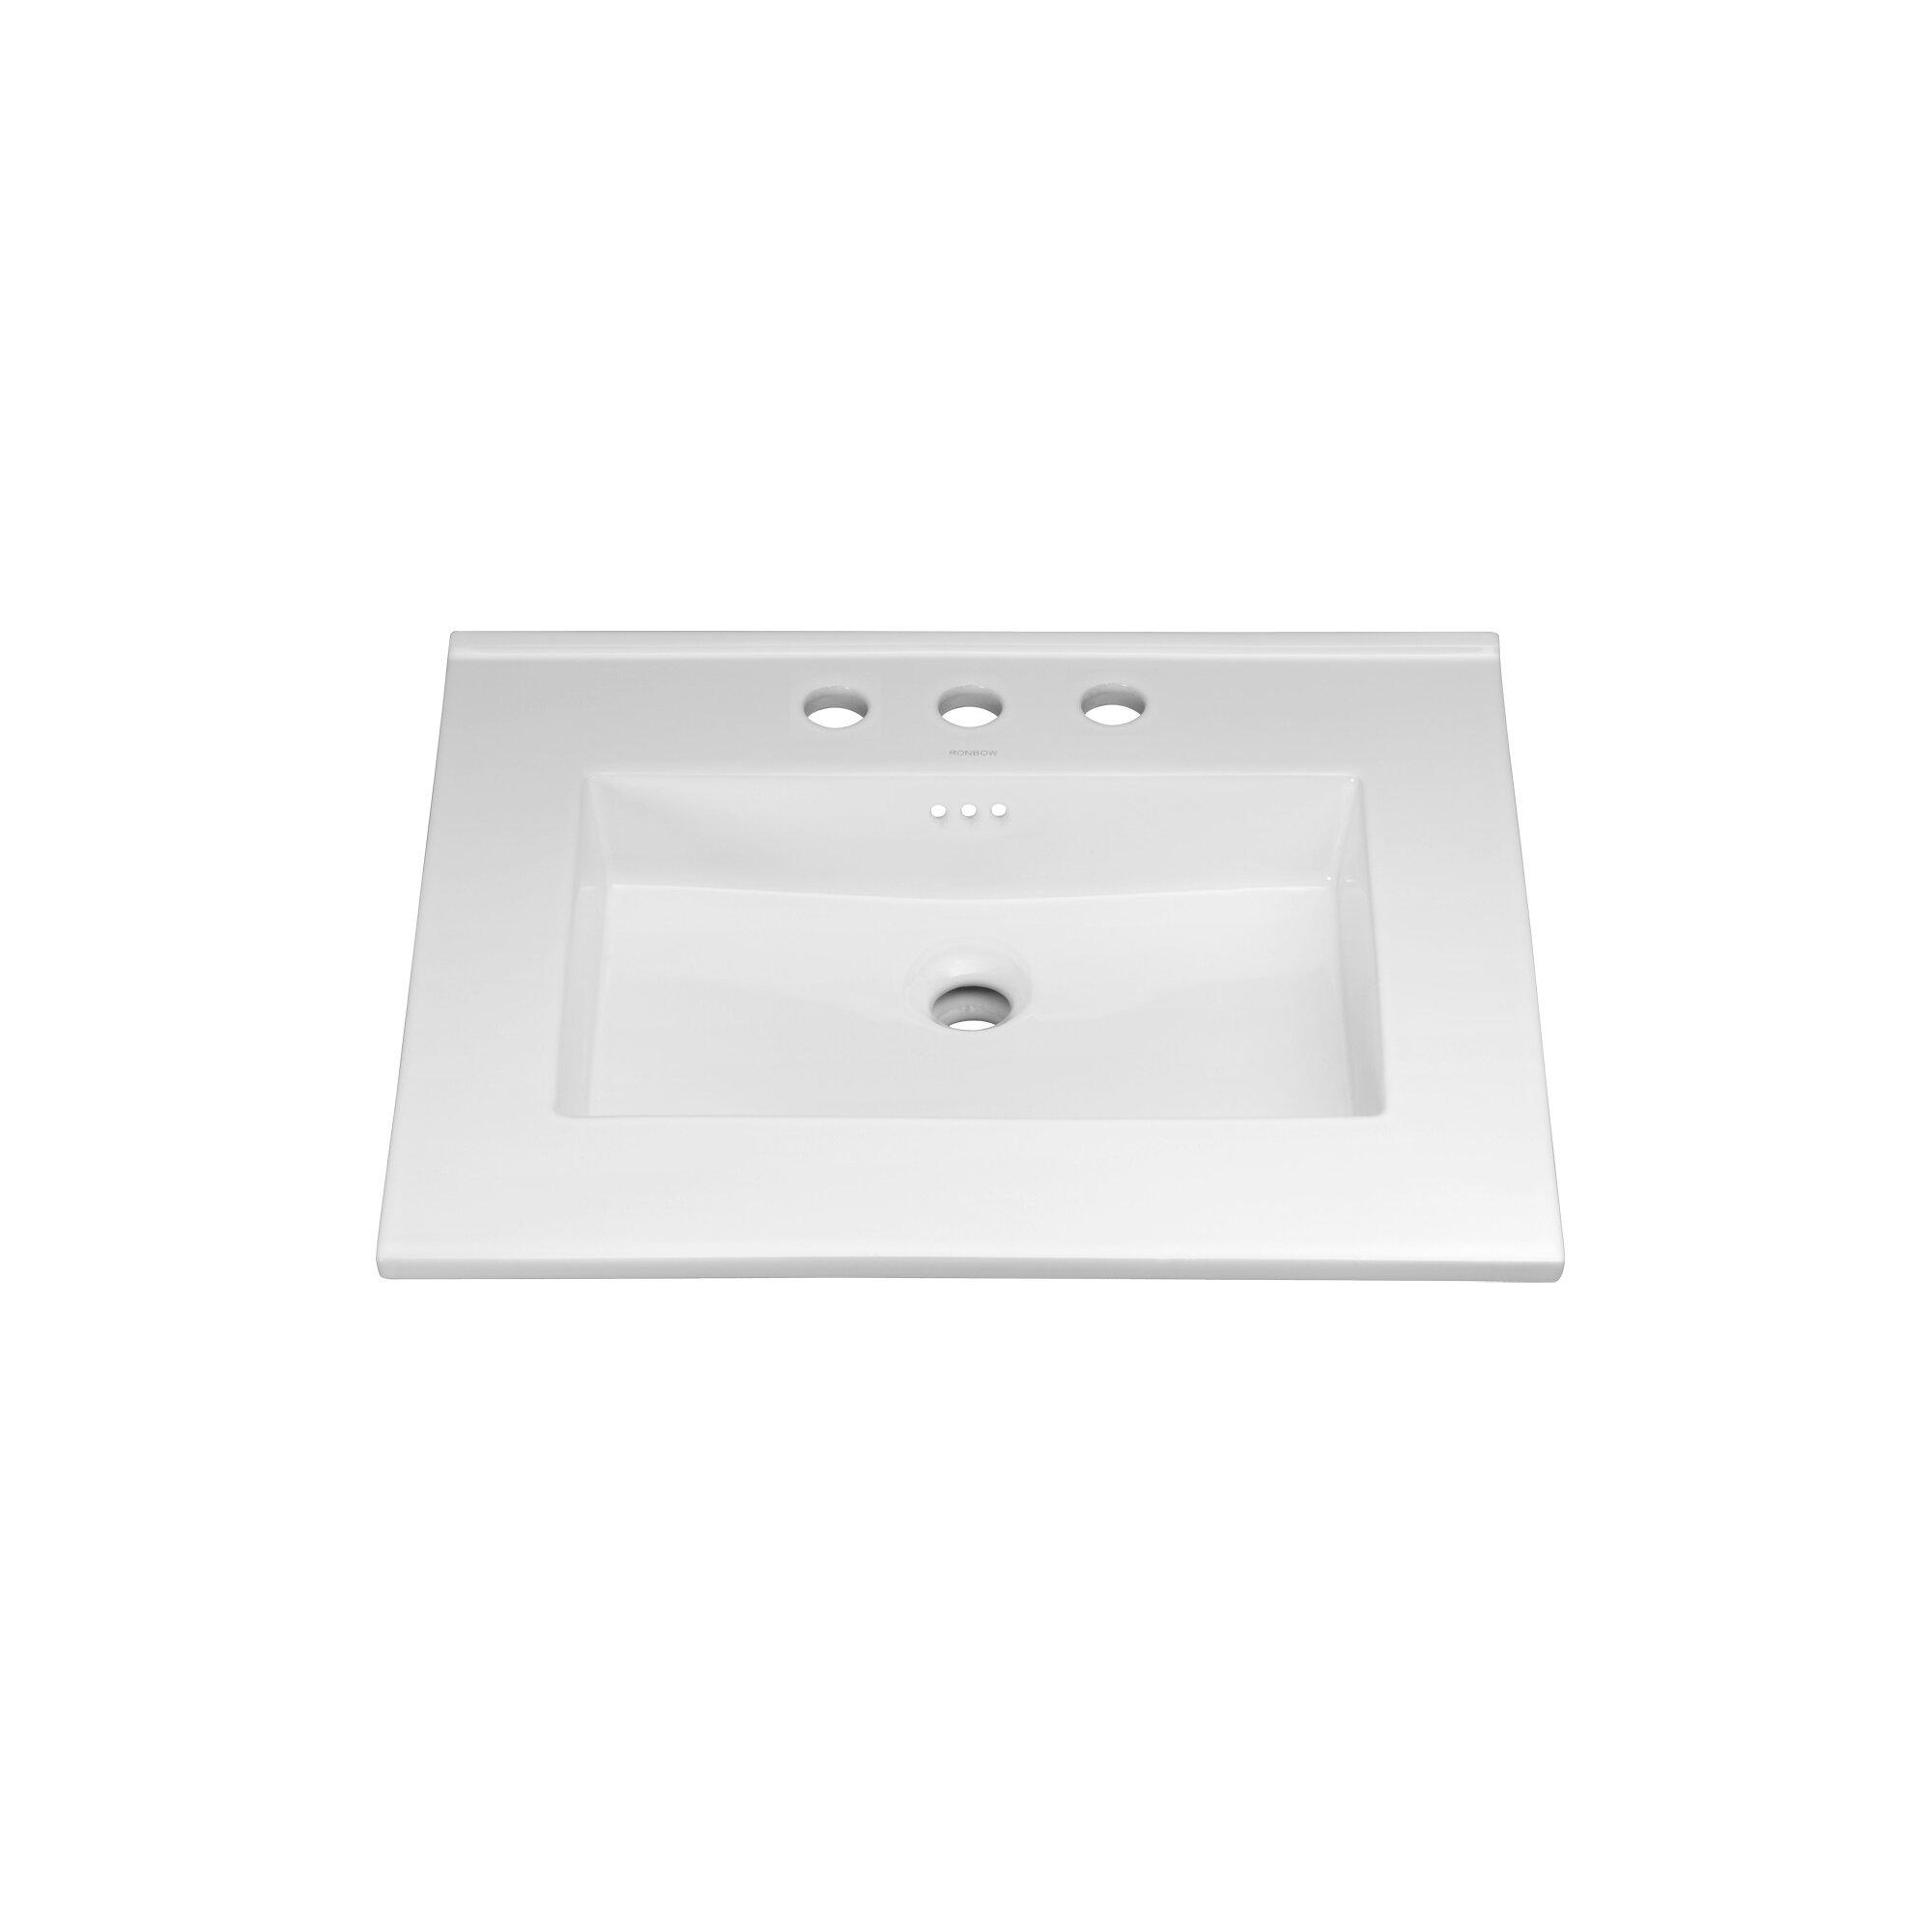 Ronbow 24 Ceramic Sink Vanity Top With Overflow Reviews Wayfair